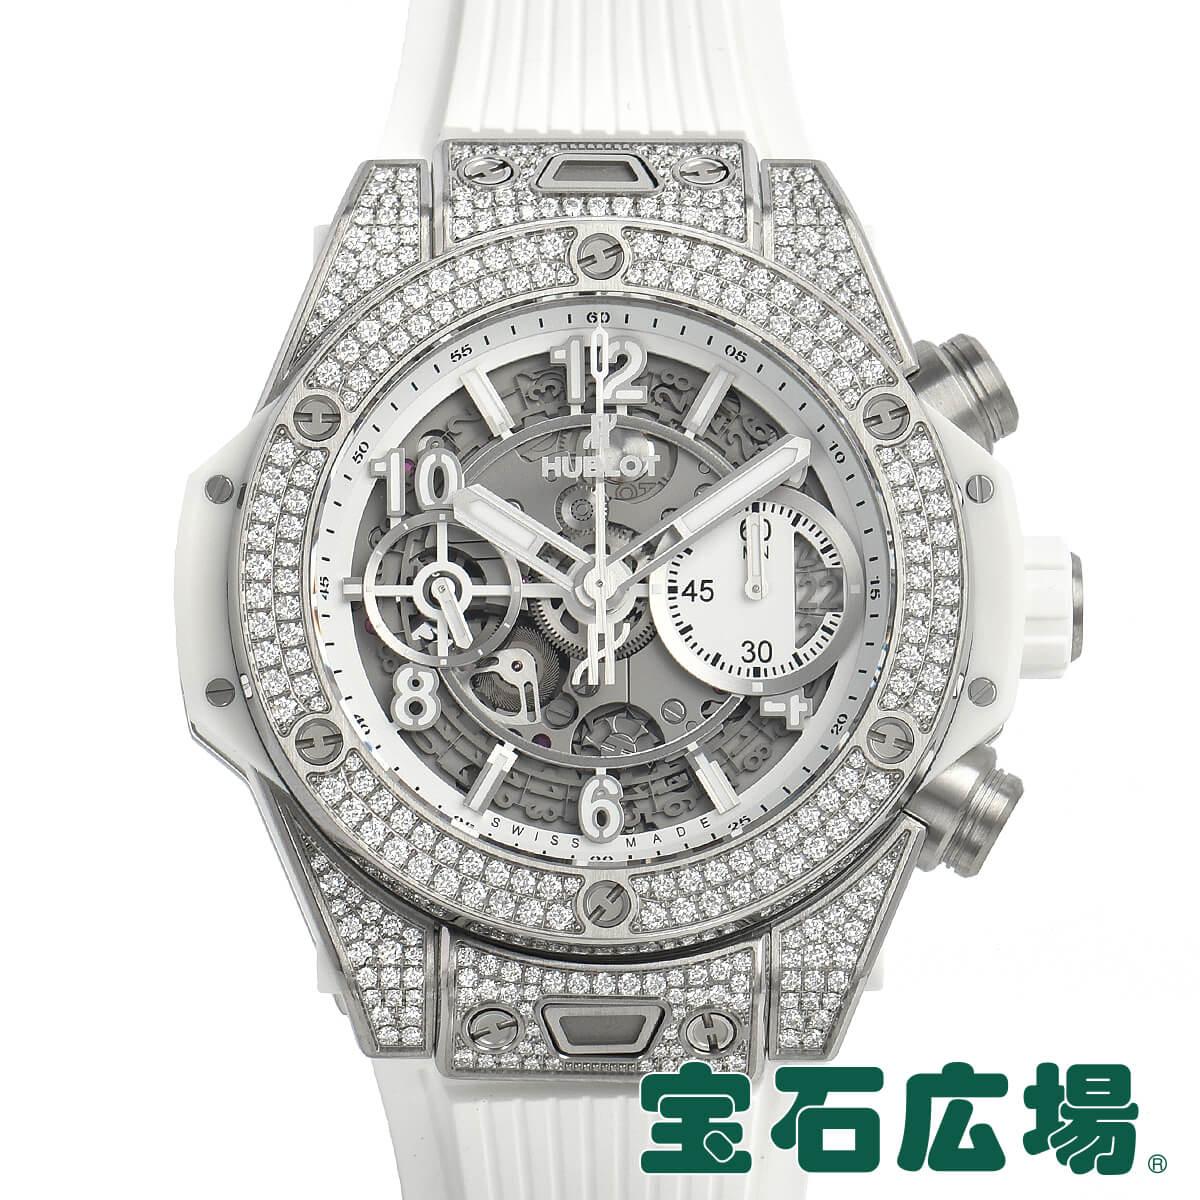 ウブロ HUBLOT ビッグバン ウニコ チタニウム ホワイトパヴェ 441.NE.2010.RW.1704【新品】メンズ 腕時計 送料・代引手数料無料